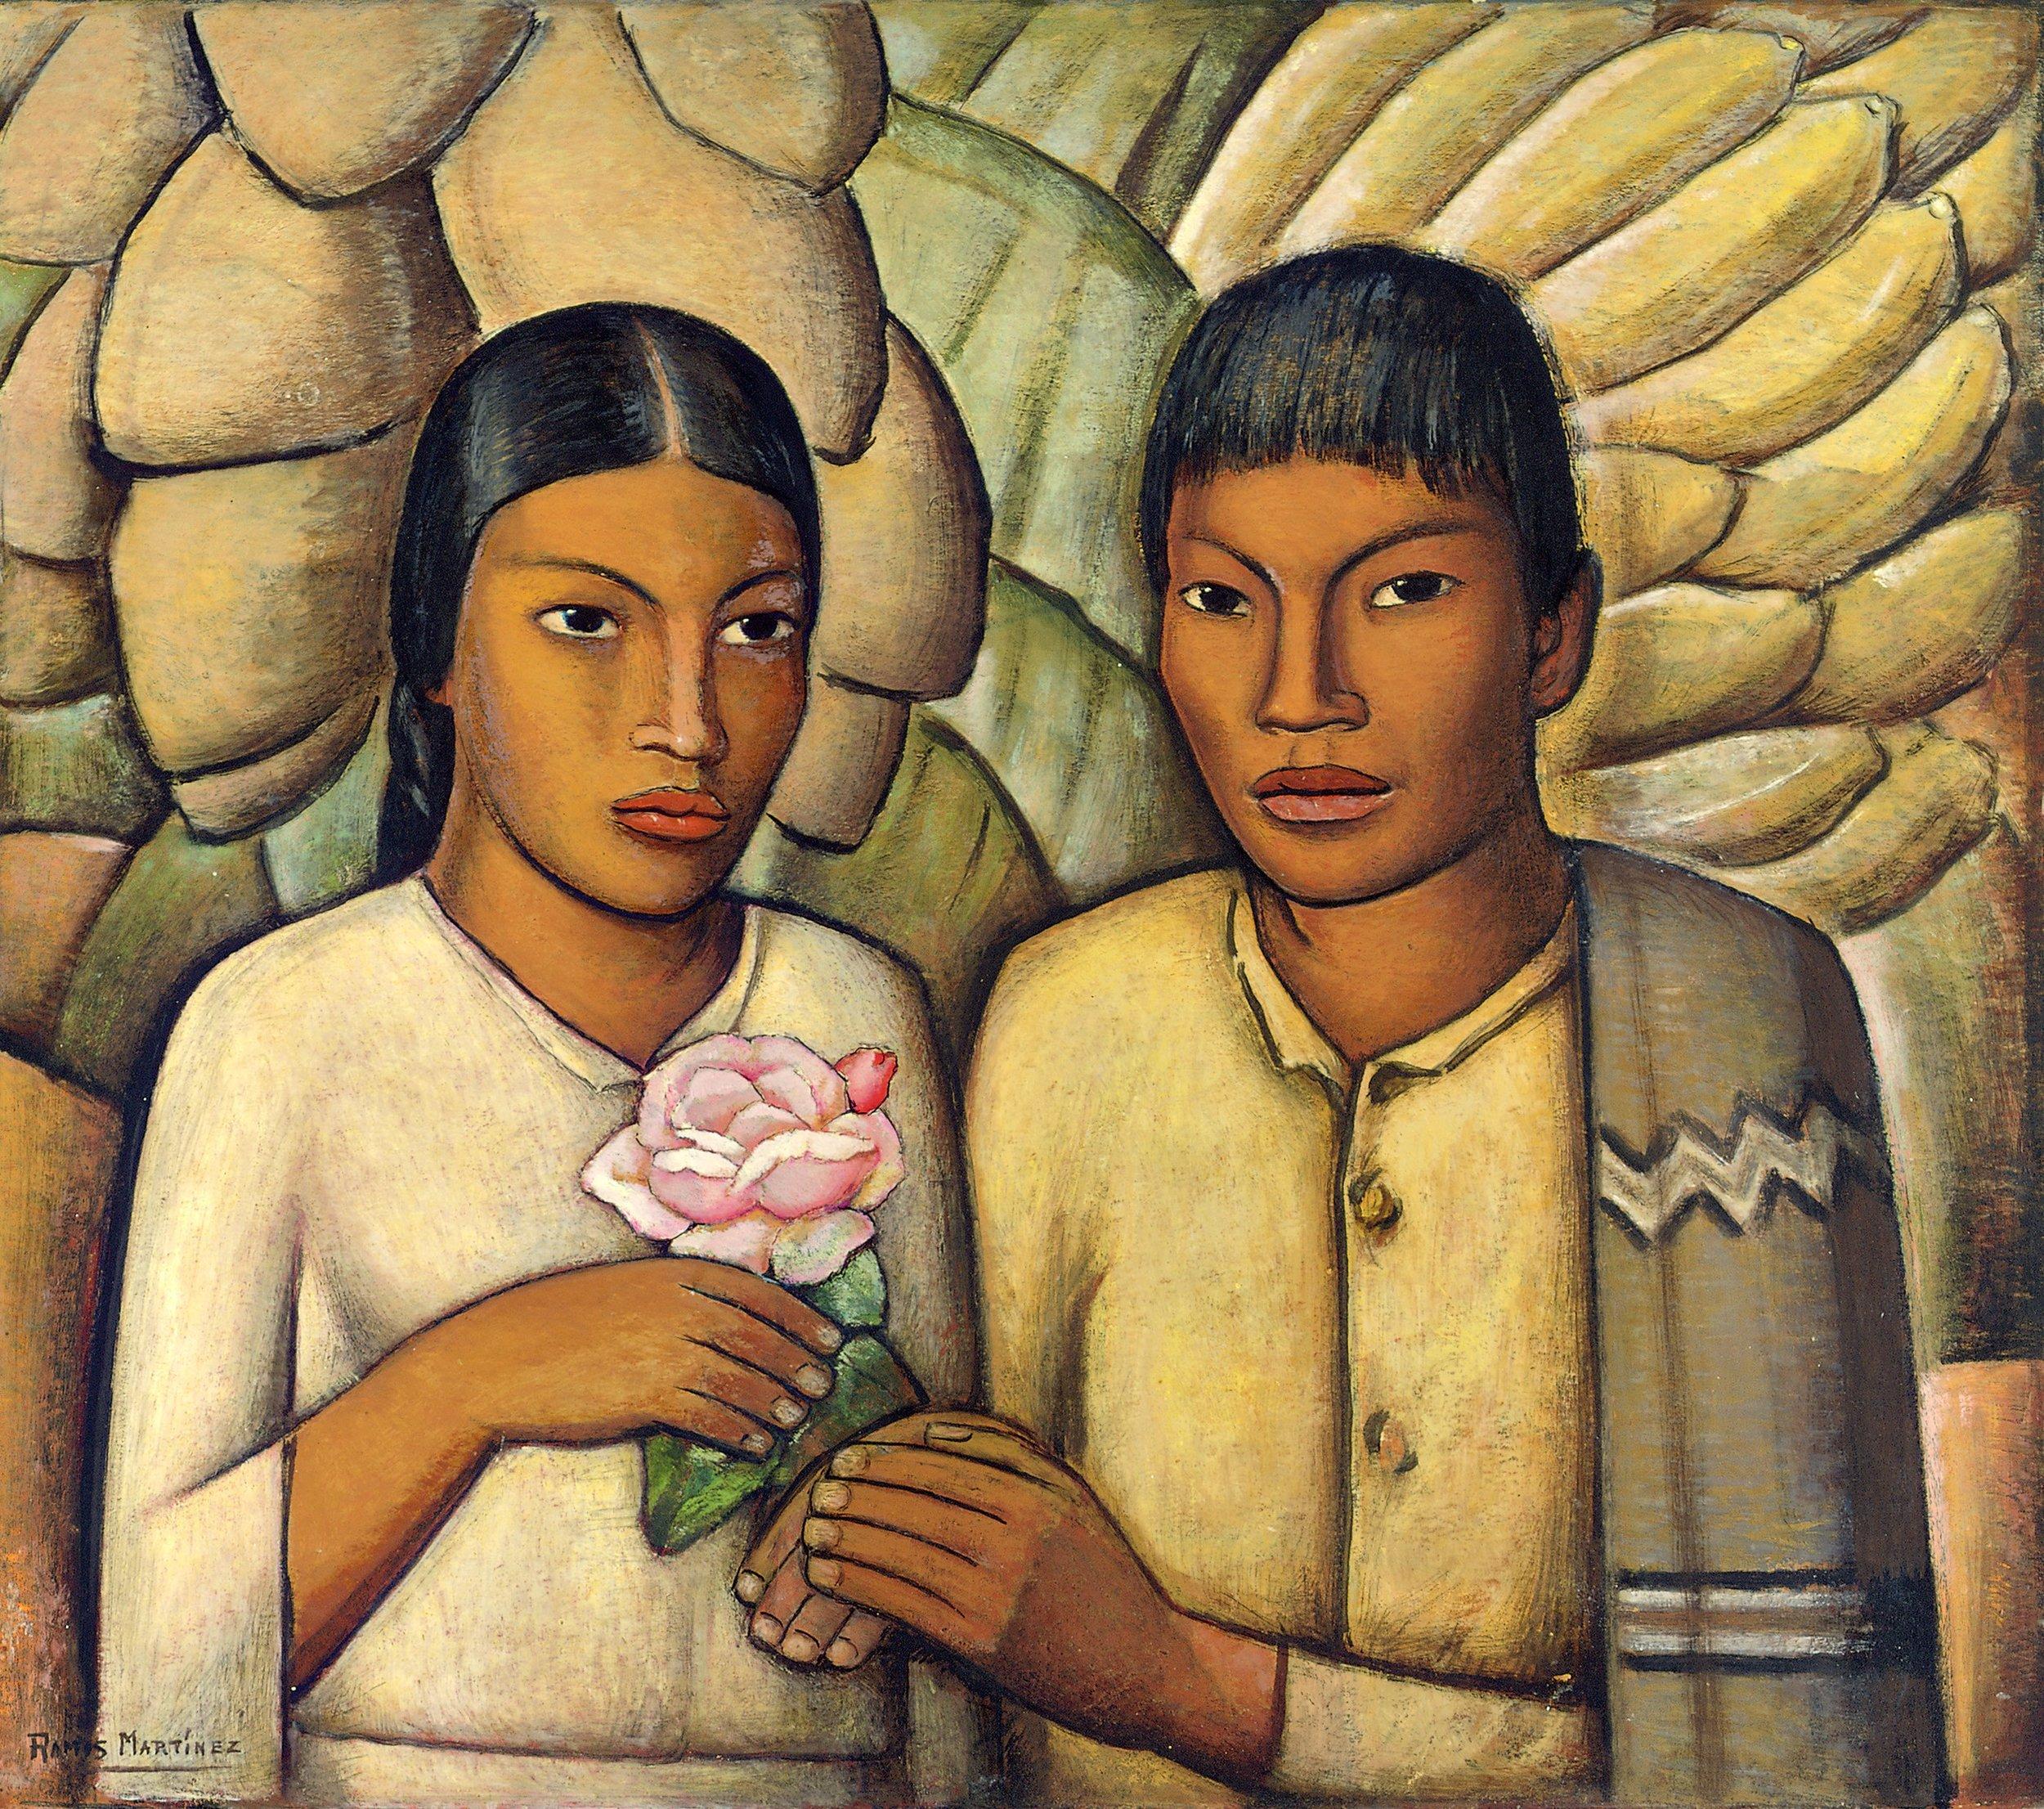 Casamiento Indio / Indian Wedding  1931 oil on canvas / óleo sobre tela 28.3 x 31.8 inches; 71.8 x 80.7 centímetros FEMAS Collection, Mexico